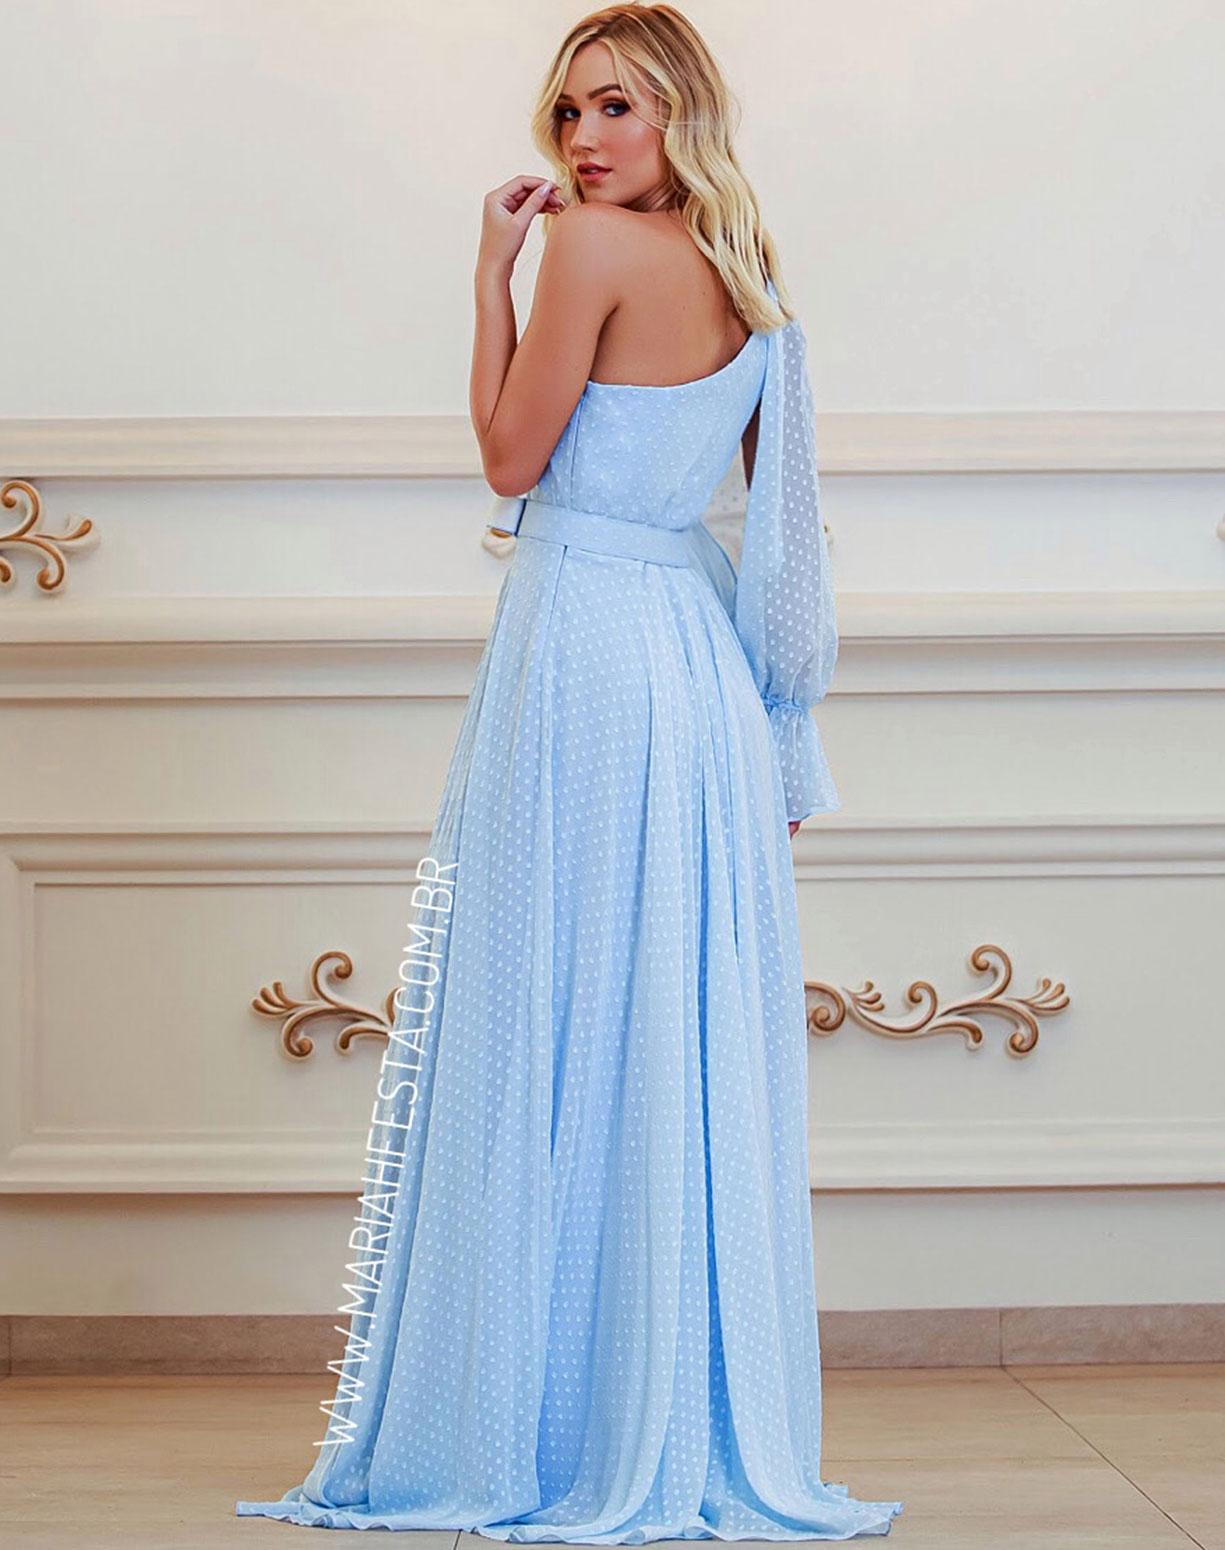 Vestido Azul Serenity de um Ombro Só Texturizado